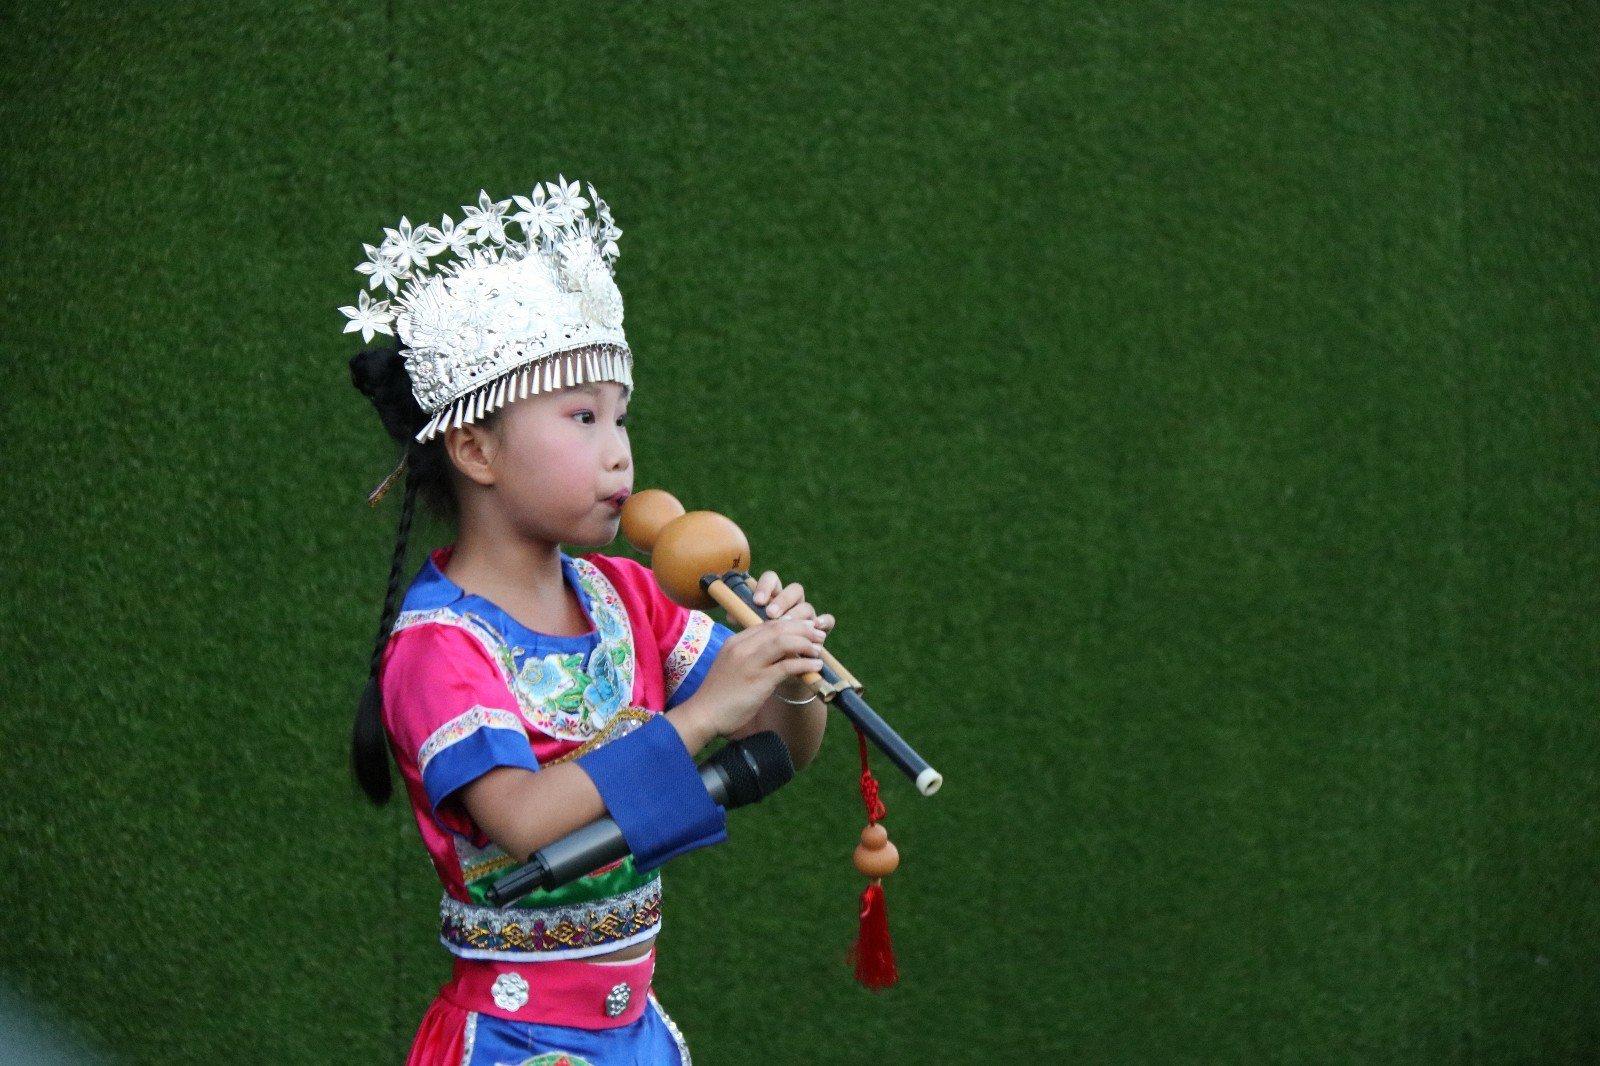 """上图:吉祥物""""多吉""""也在现场 上图:葫芦丝,巴乌合奏 《美丽的神话》"""